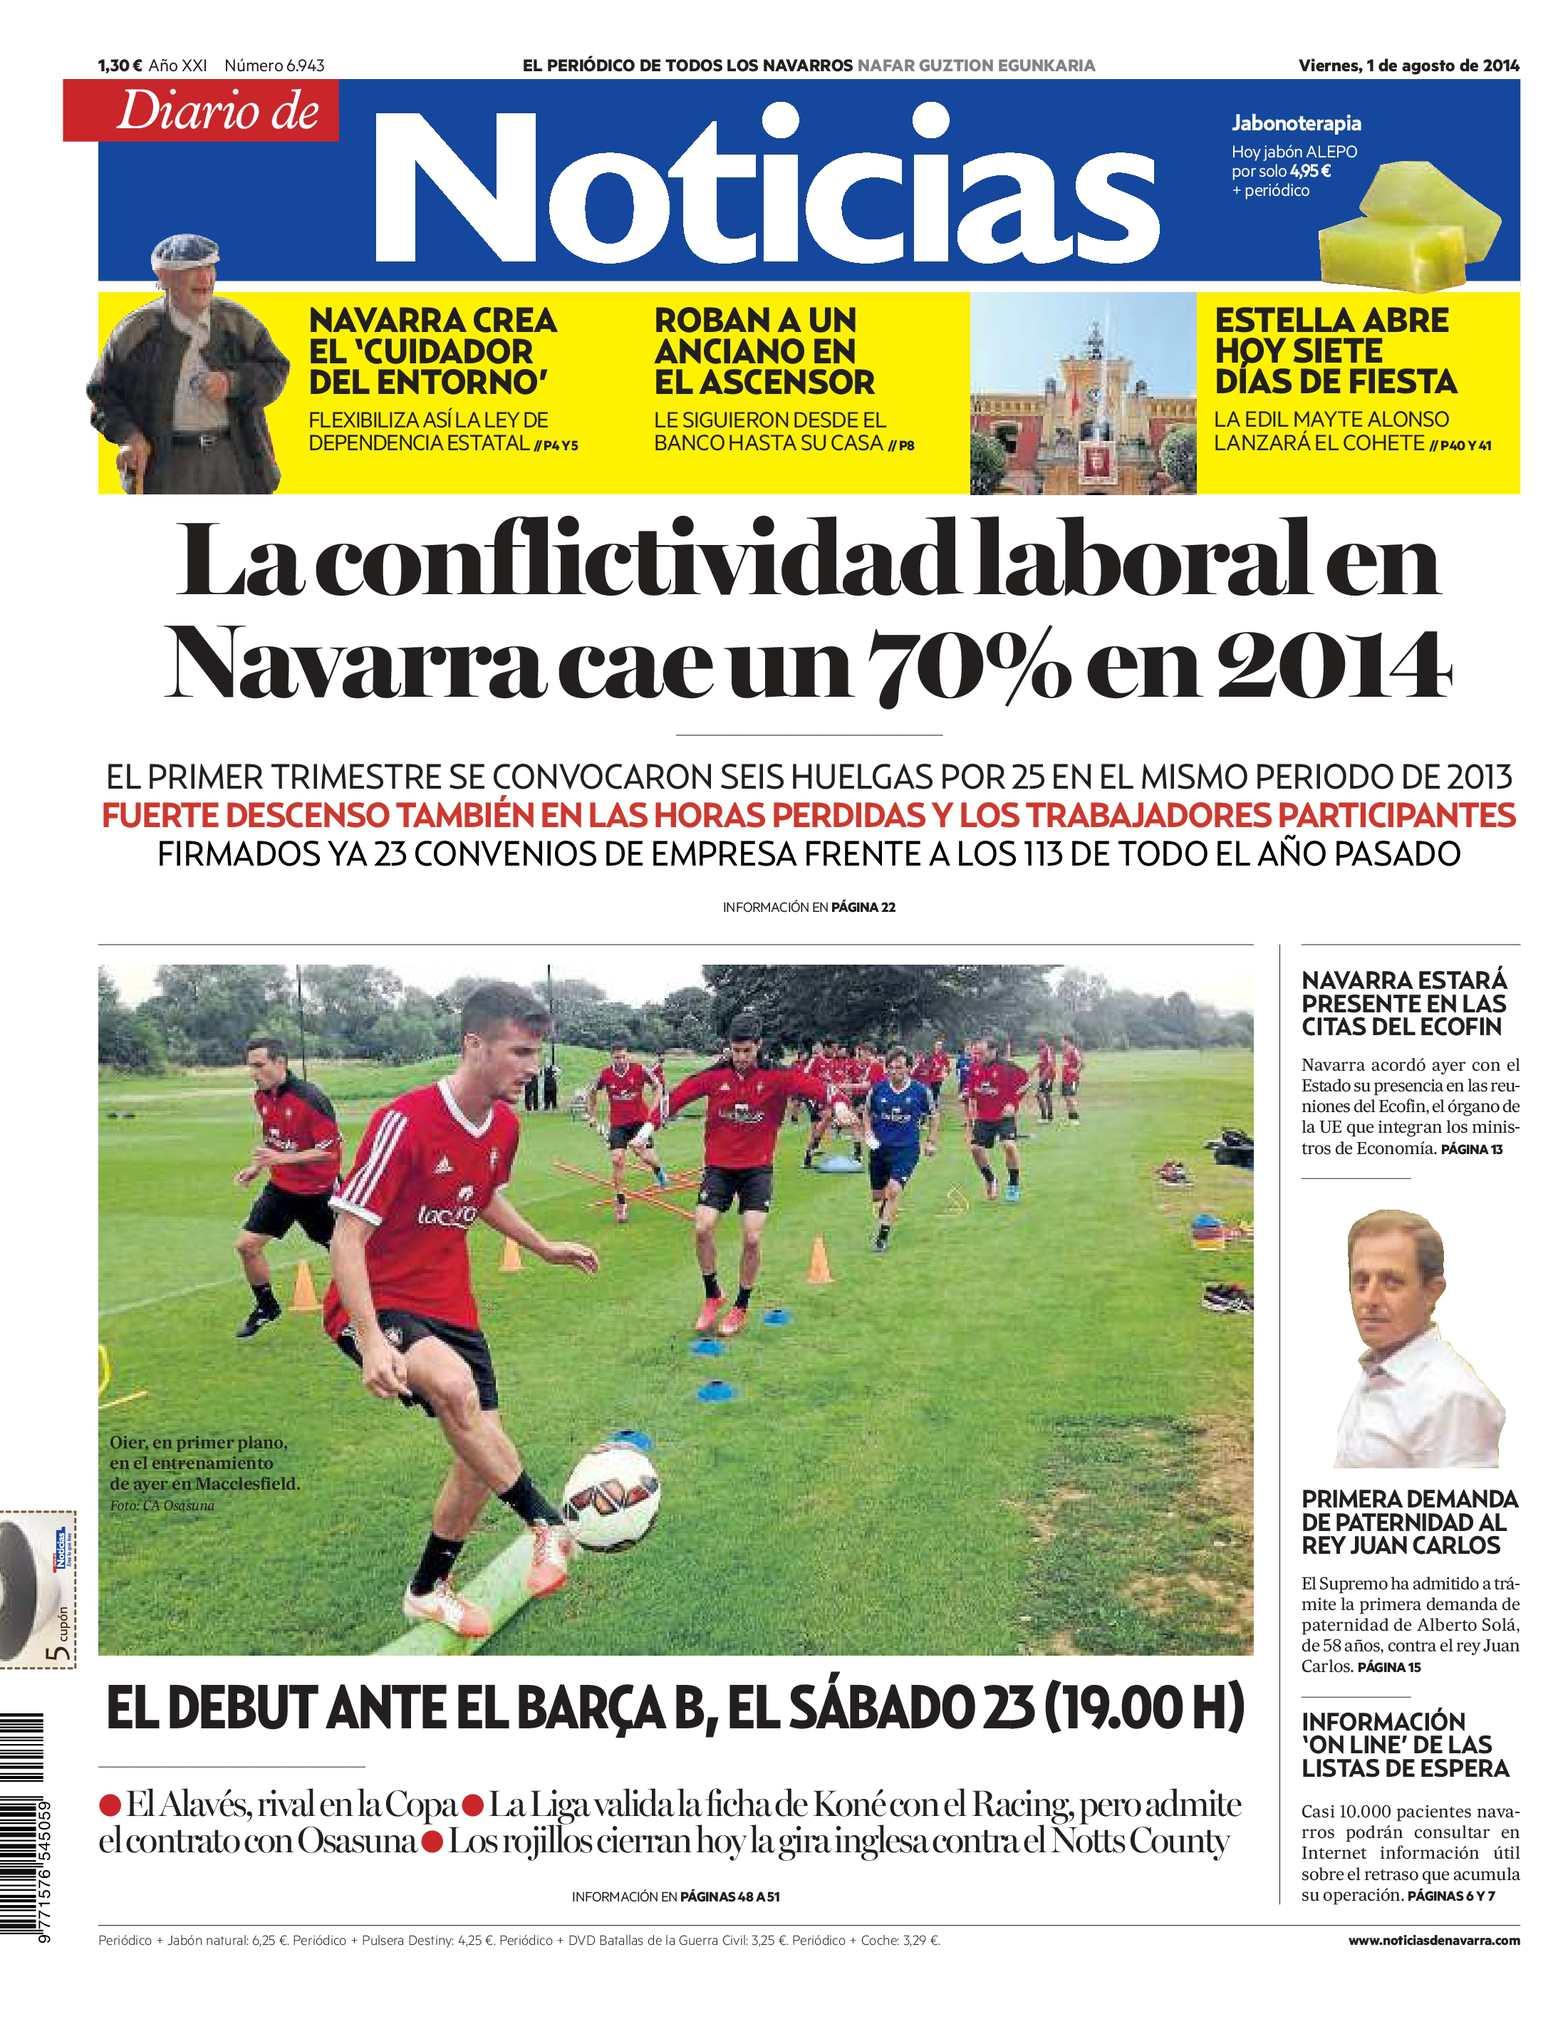 Calaméo - Diario de Noticias 20140801 4feaca03bb3f0